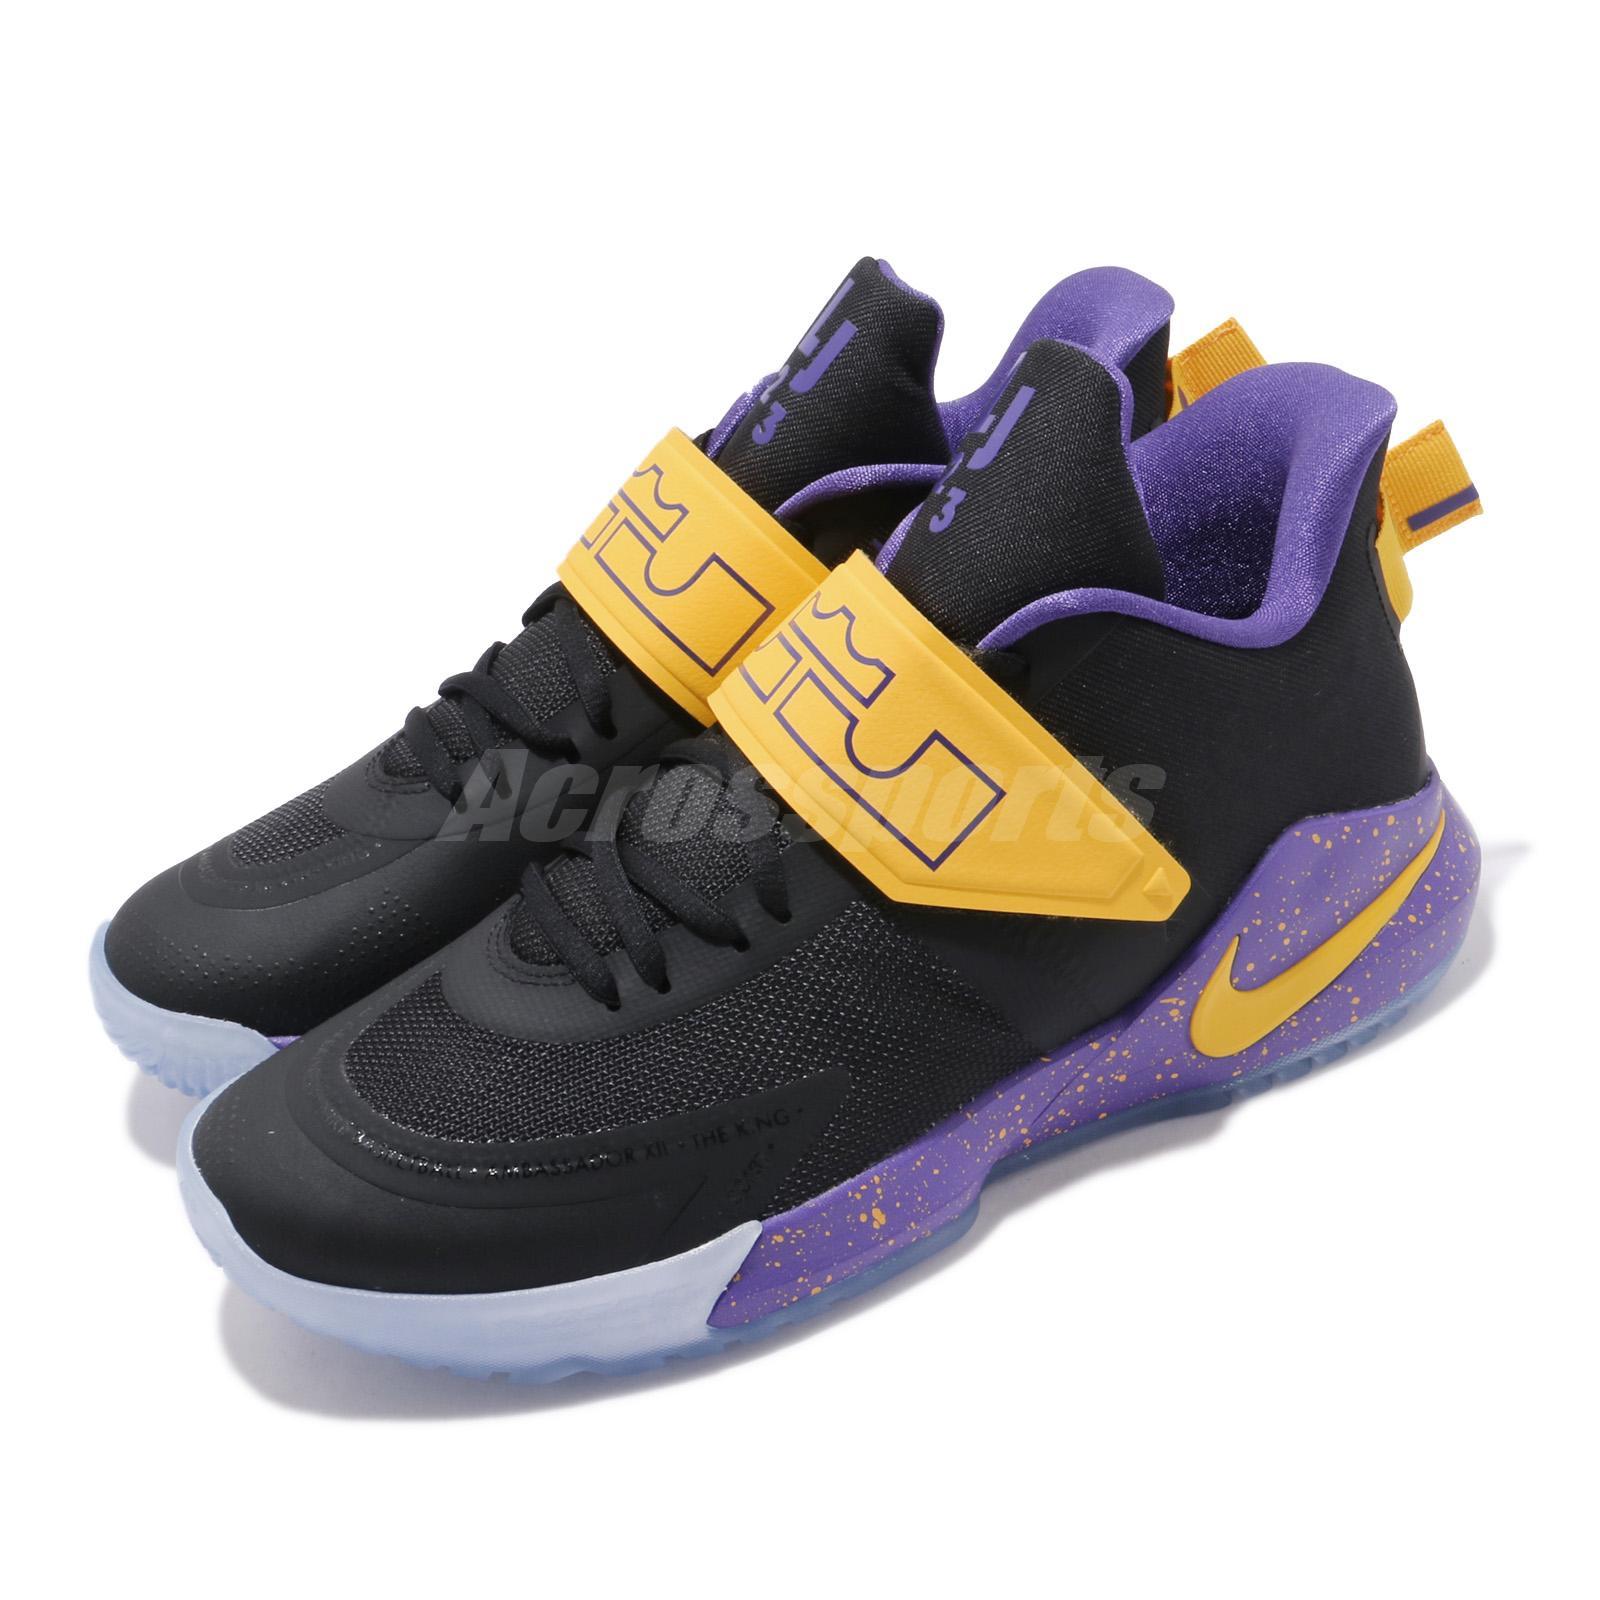 Nike Ambassador XII 12 LeBron James